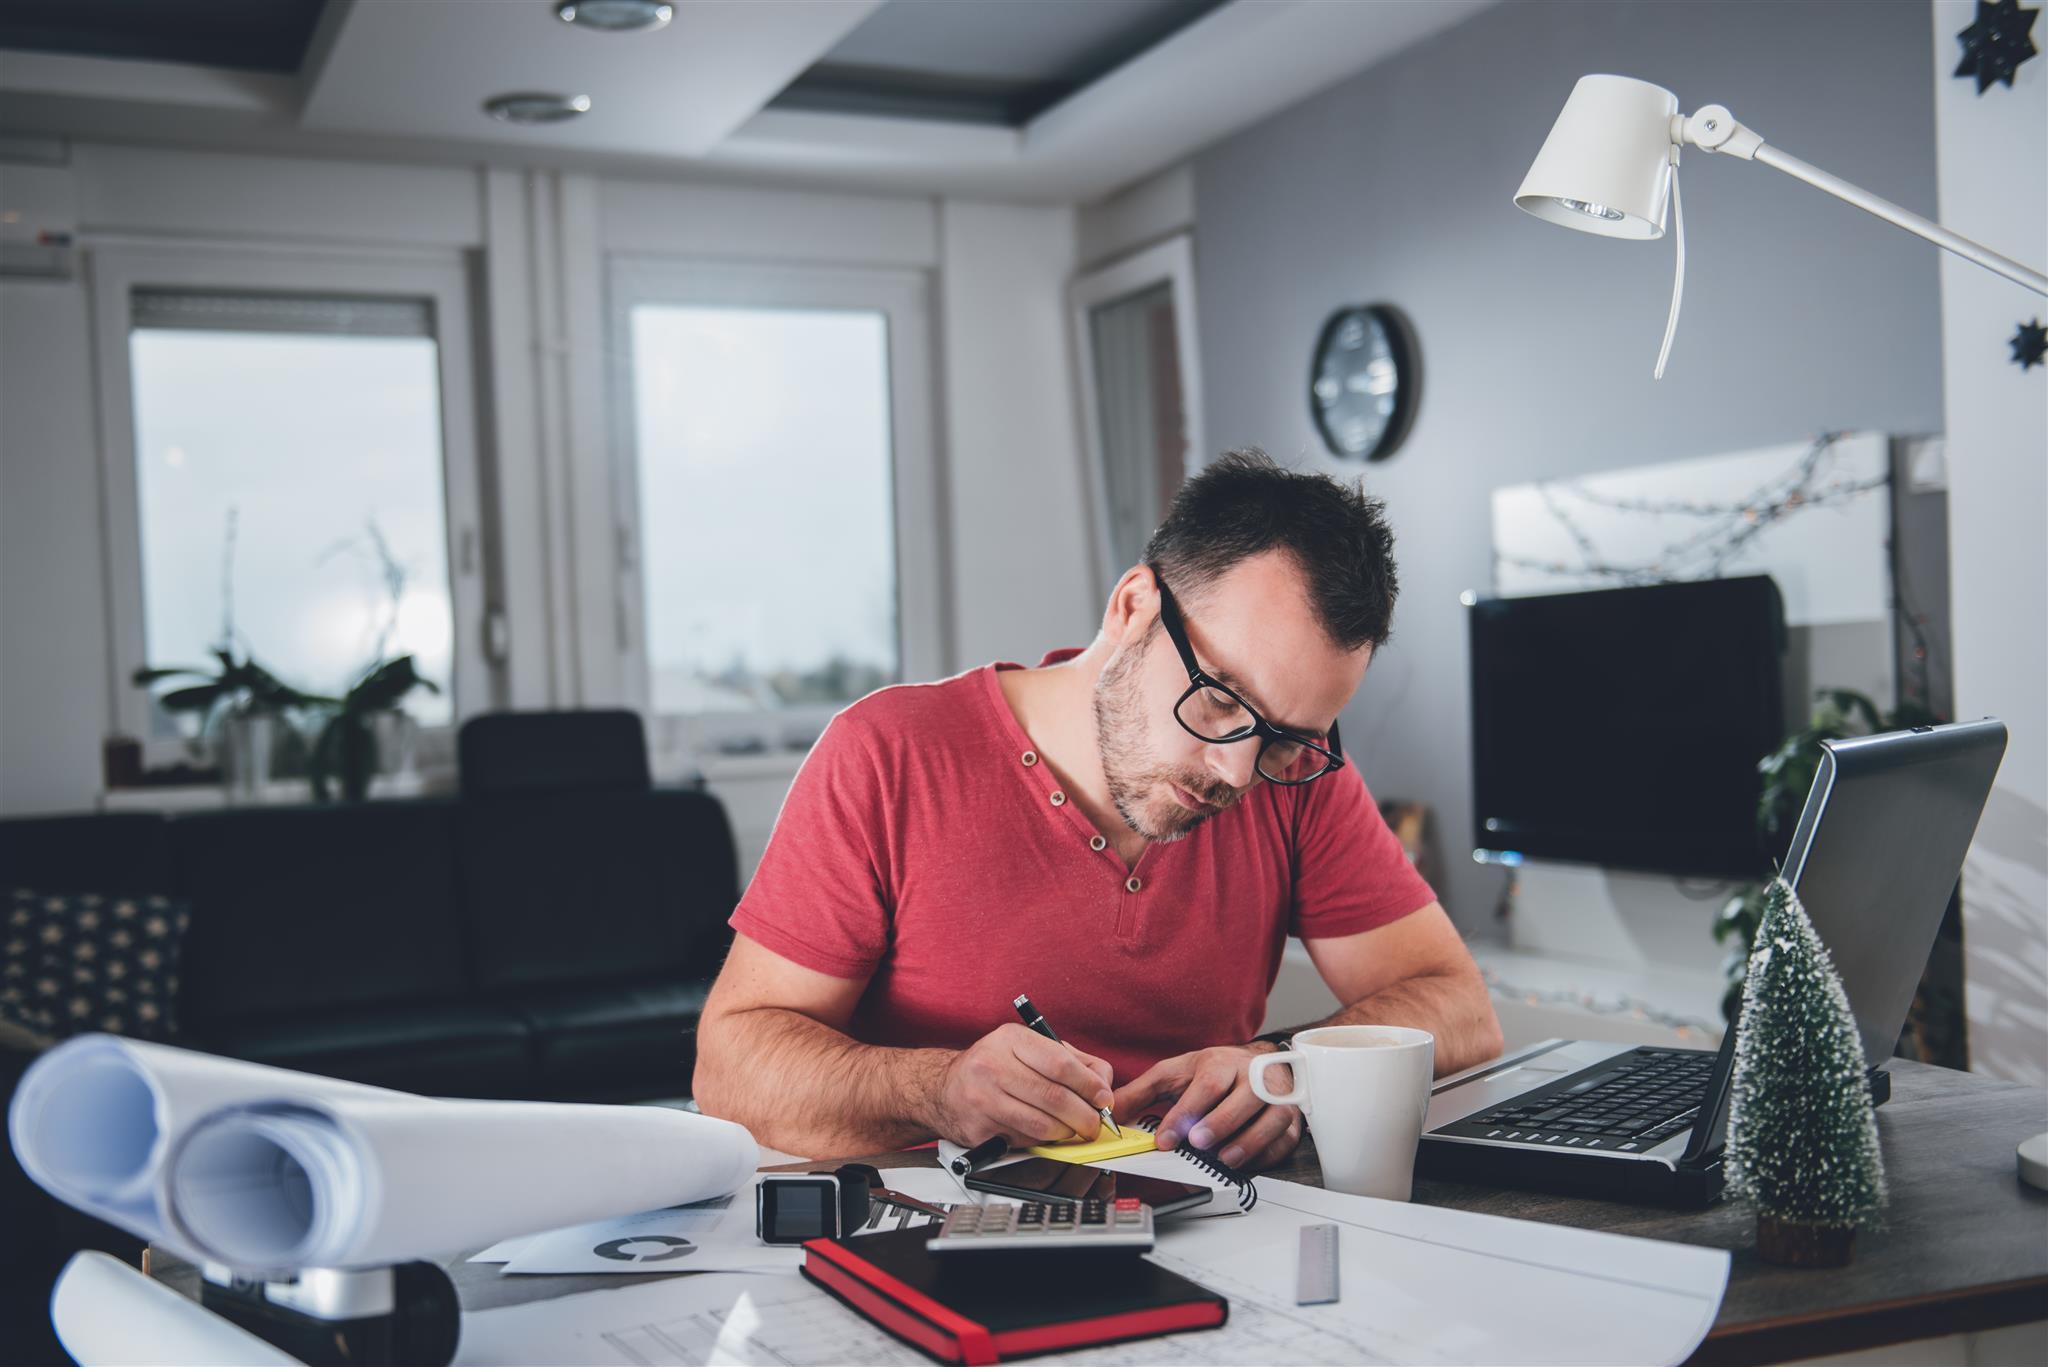 Lavori da casa sicuri 9 idee per guadagnare in tutta for Lavori creativi da casa